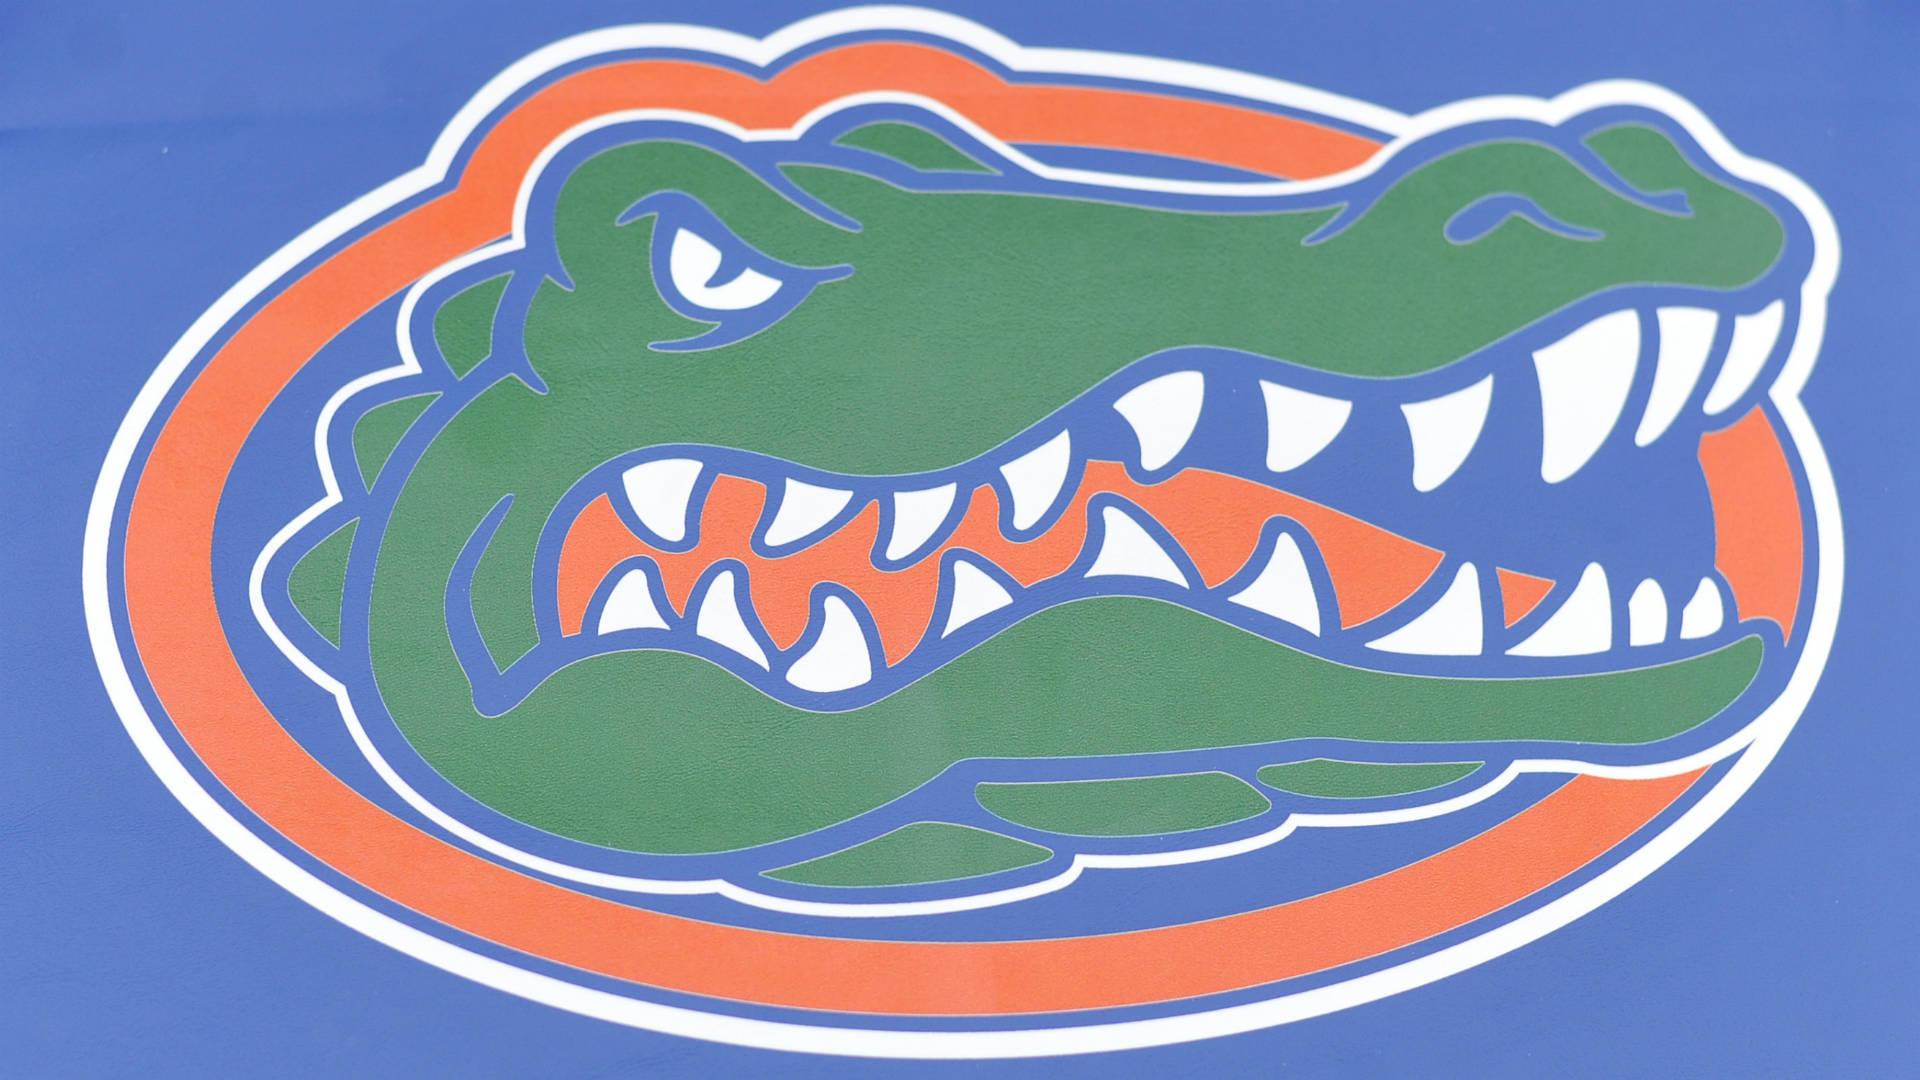 Florida-gators-020518-usnews-getty-ftr_12otamxmgcooo1tme60g5gemol